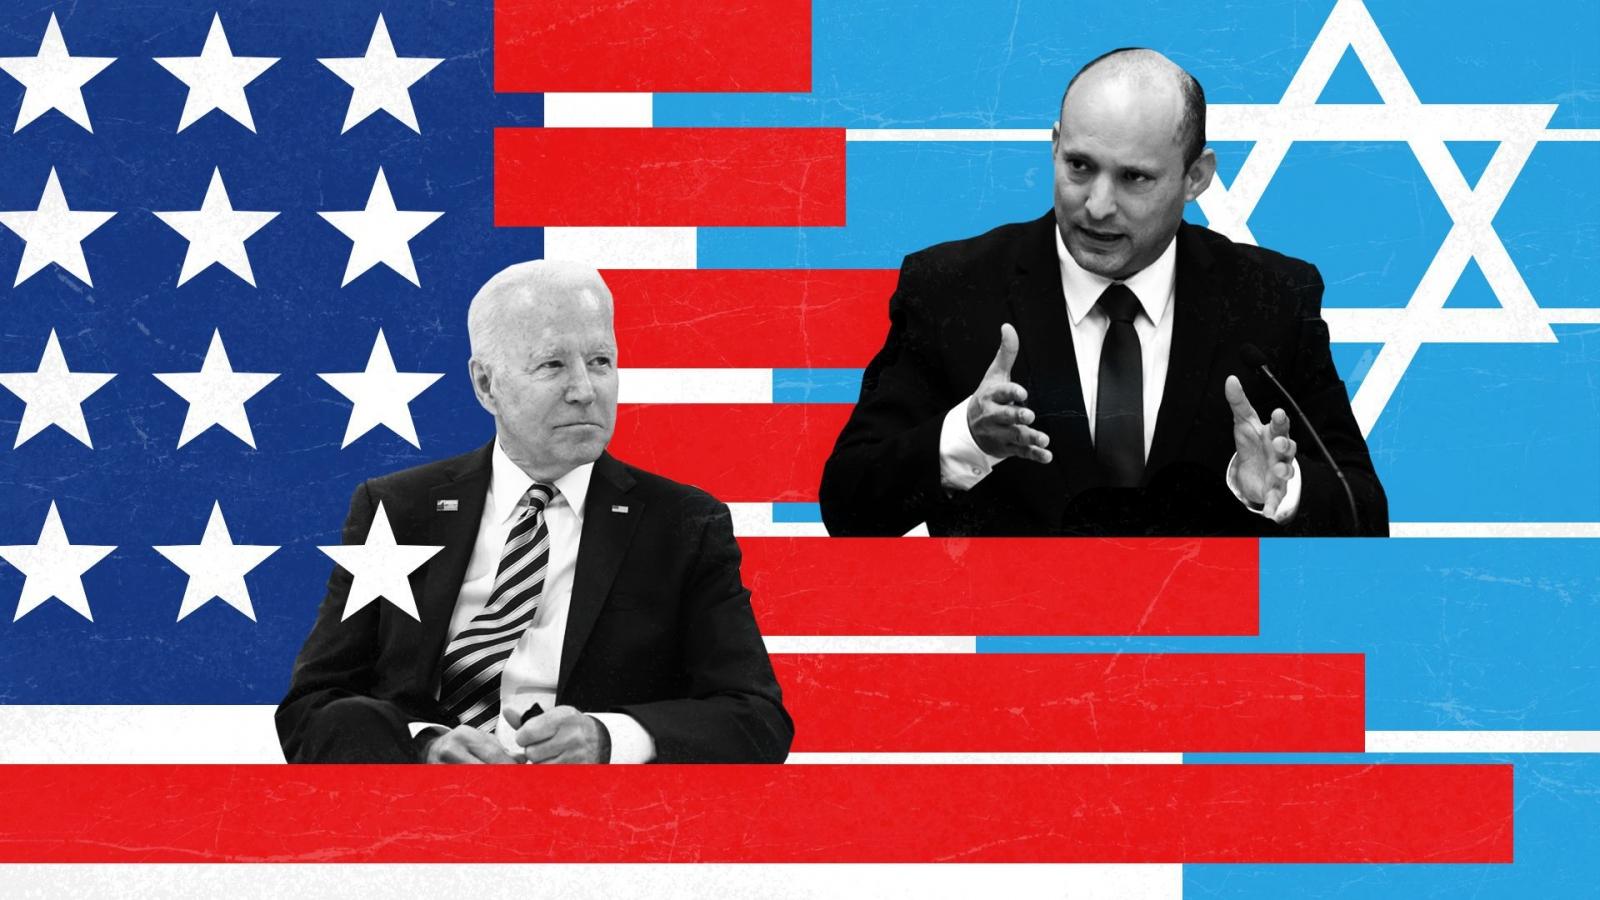 Thủ tướng Israel thăm Mỹ: Cài đặt lại quan hệ, thu hẹp bất đồng với đồng minh lớn nhất